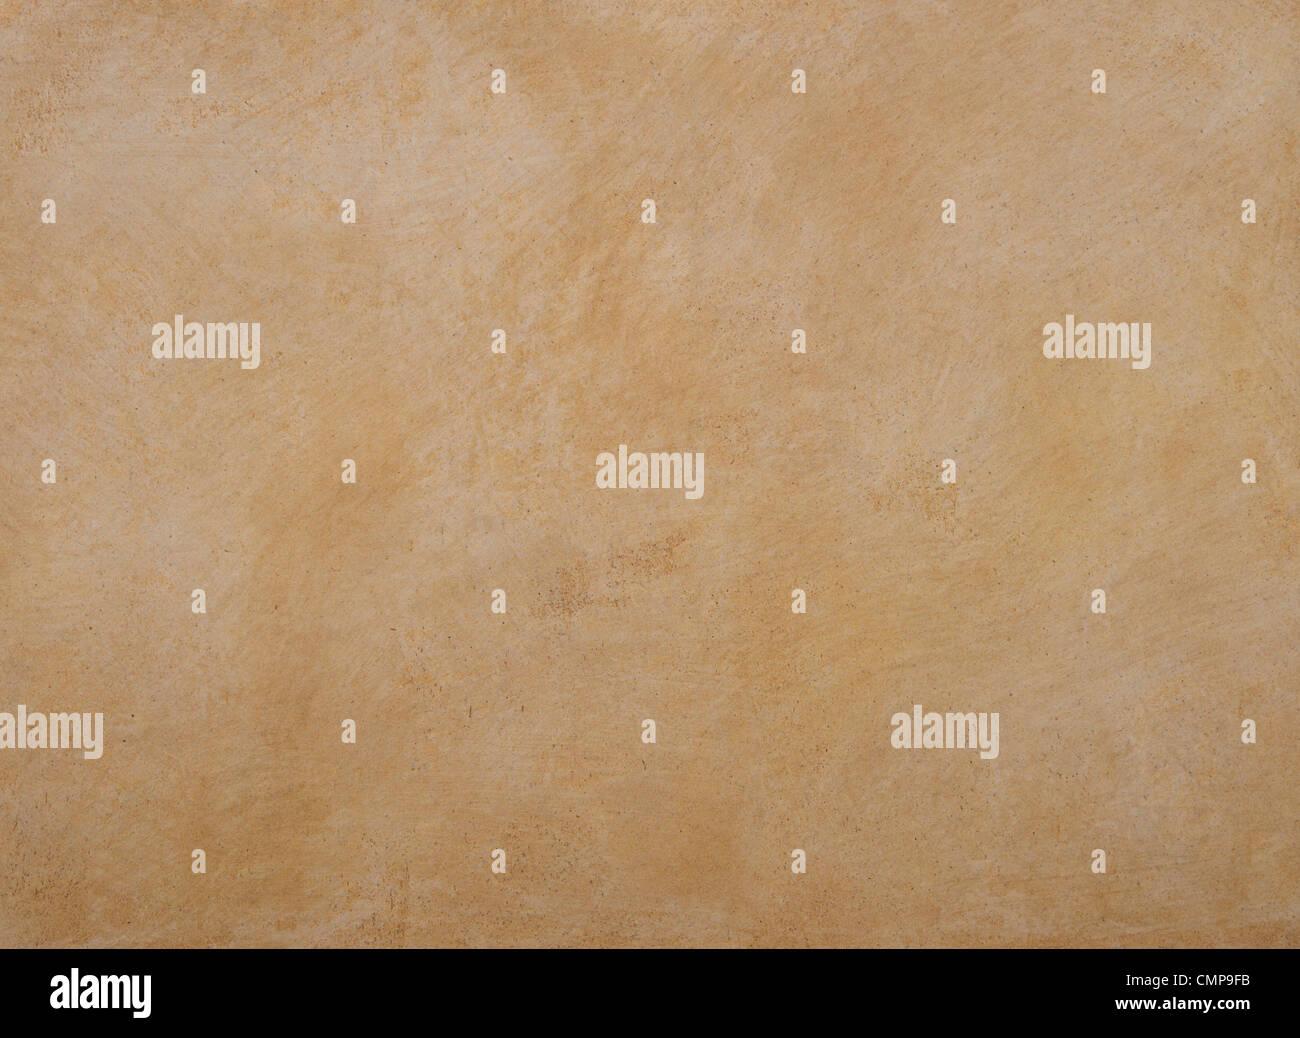 La texture delle pareti sono coperte con stucco arancione Immagini Stock